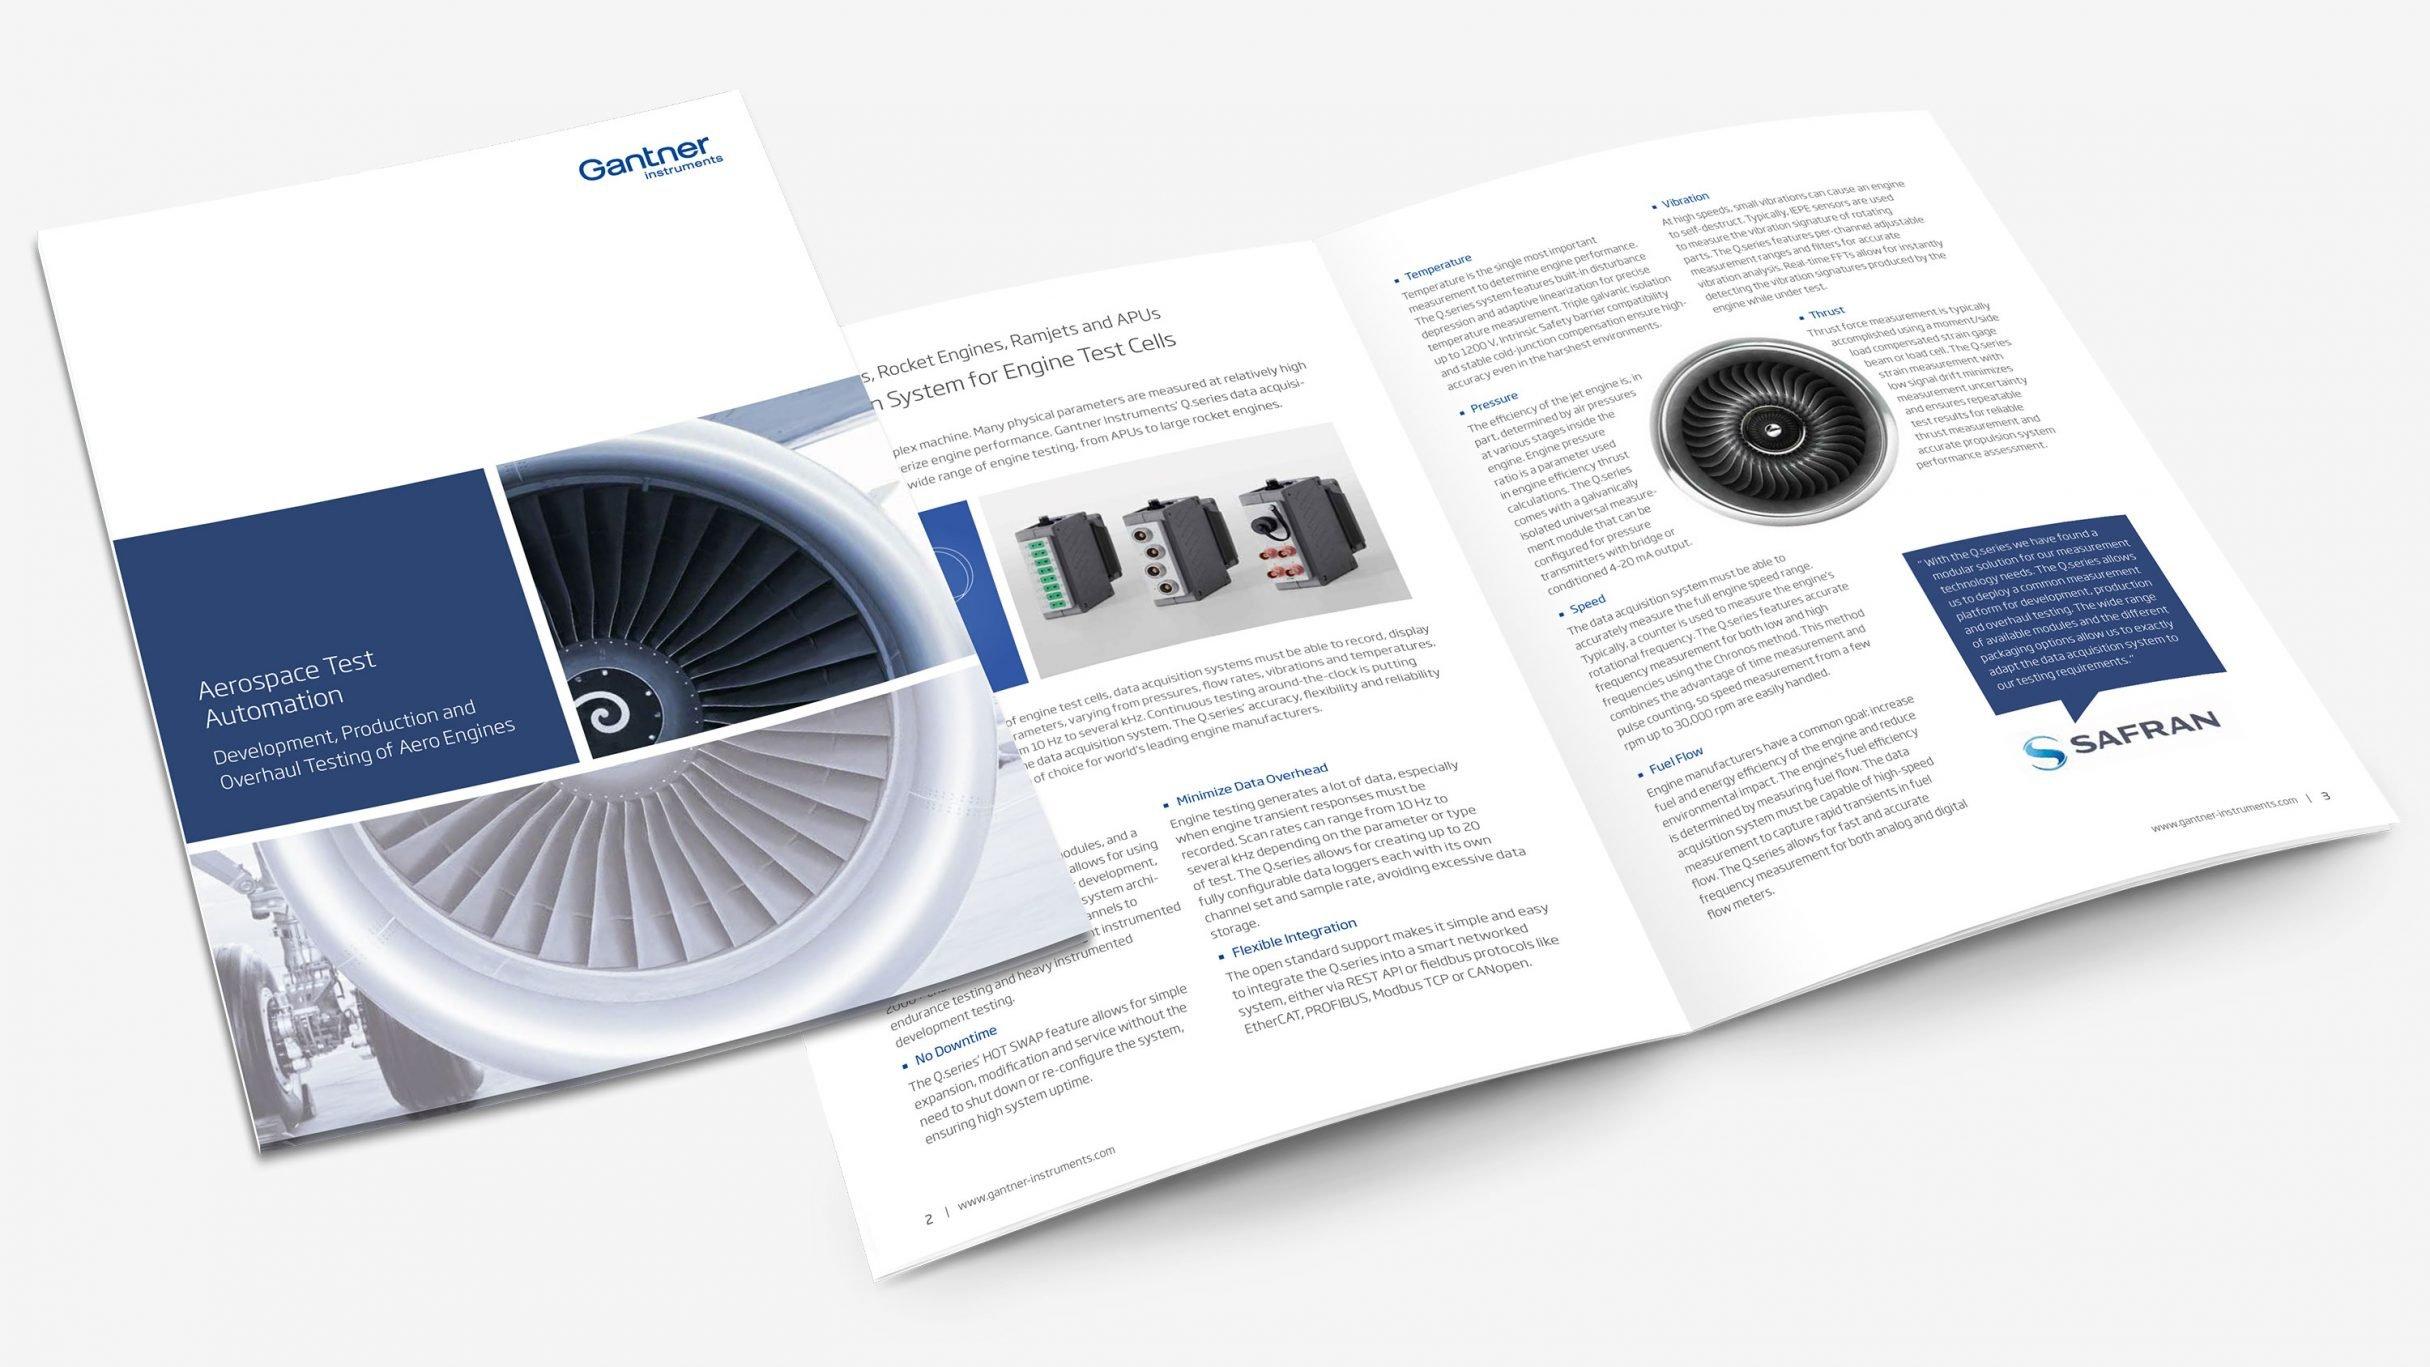 Broschüre Aerospace Test Automation für Gantner Instruments: DIE NEUDENKER® Agentur, Darmstadt